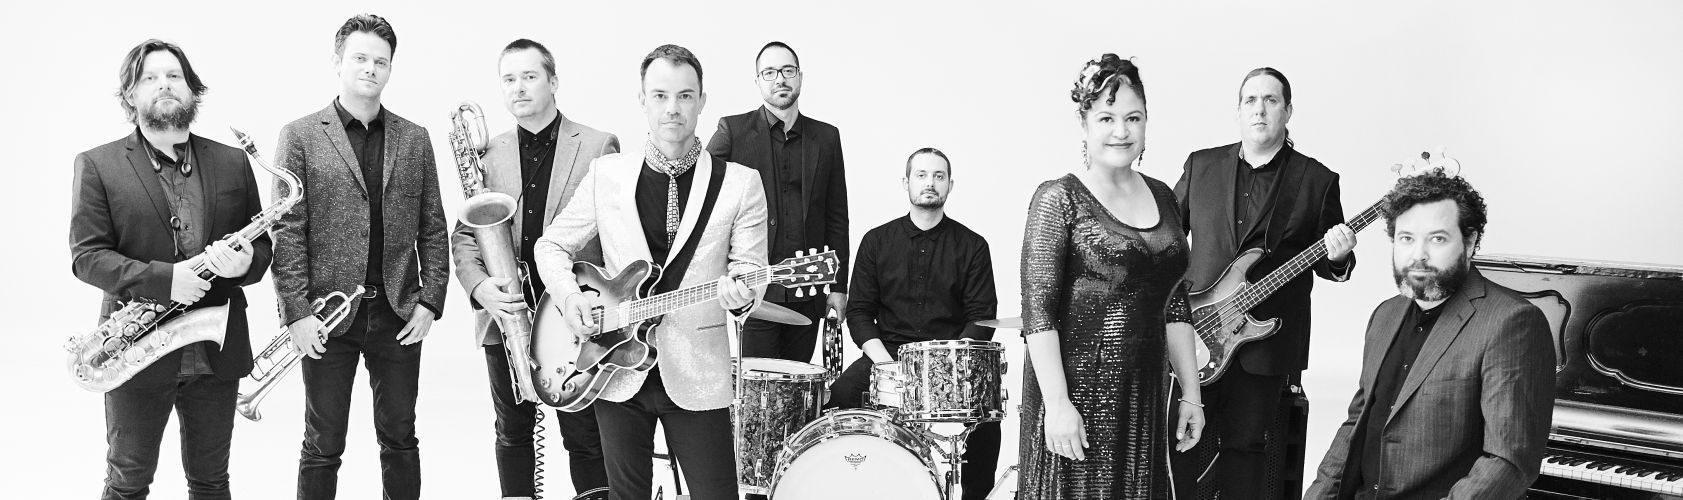 Bamboos Band Albumkritik